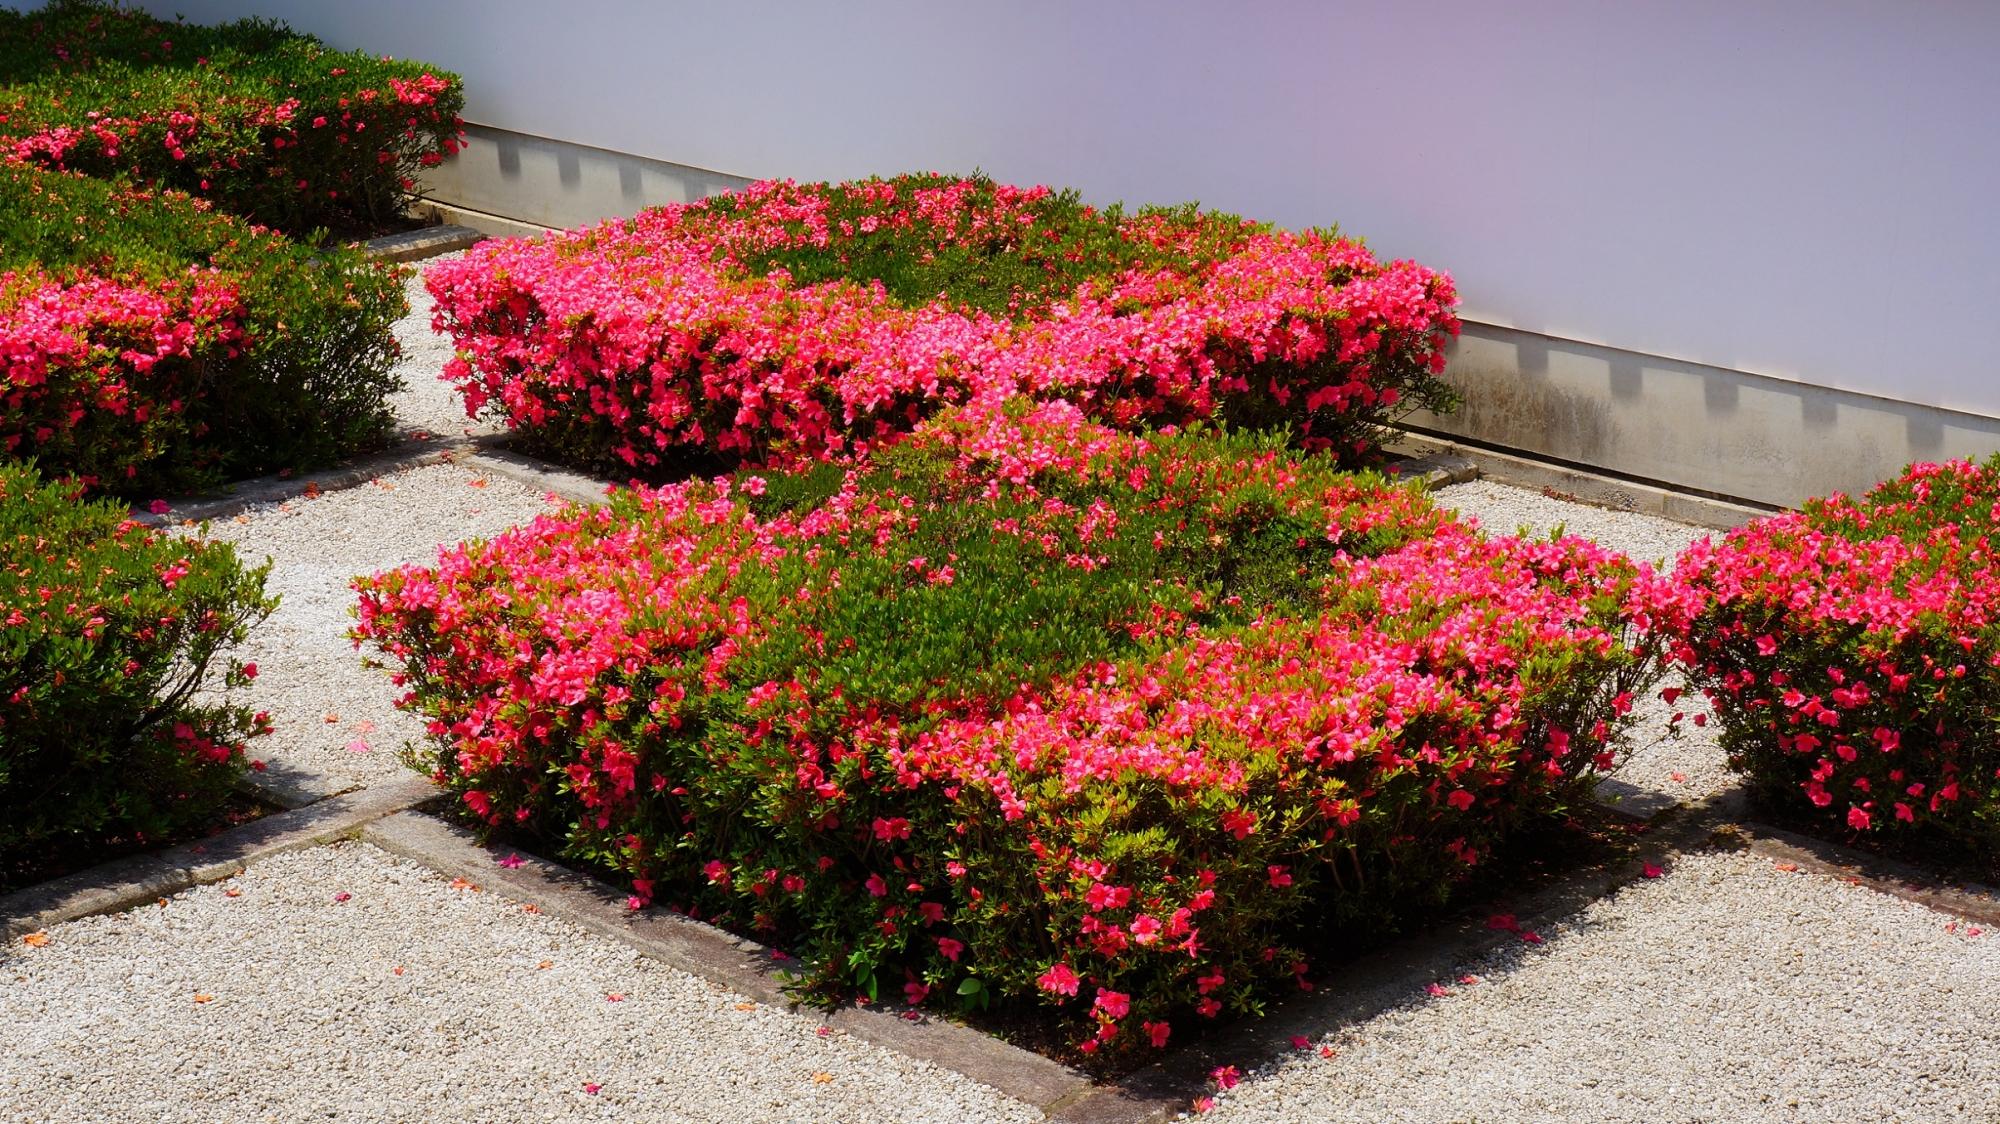 方丈庭園西庭の煌びやかに咲き誇る満開のサツキの花